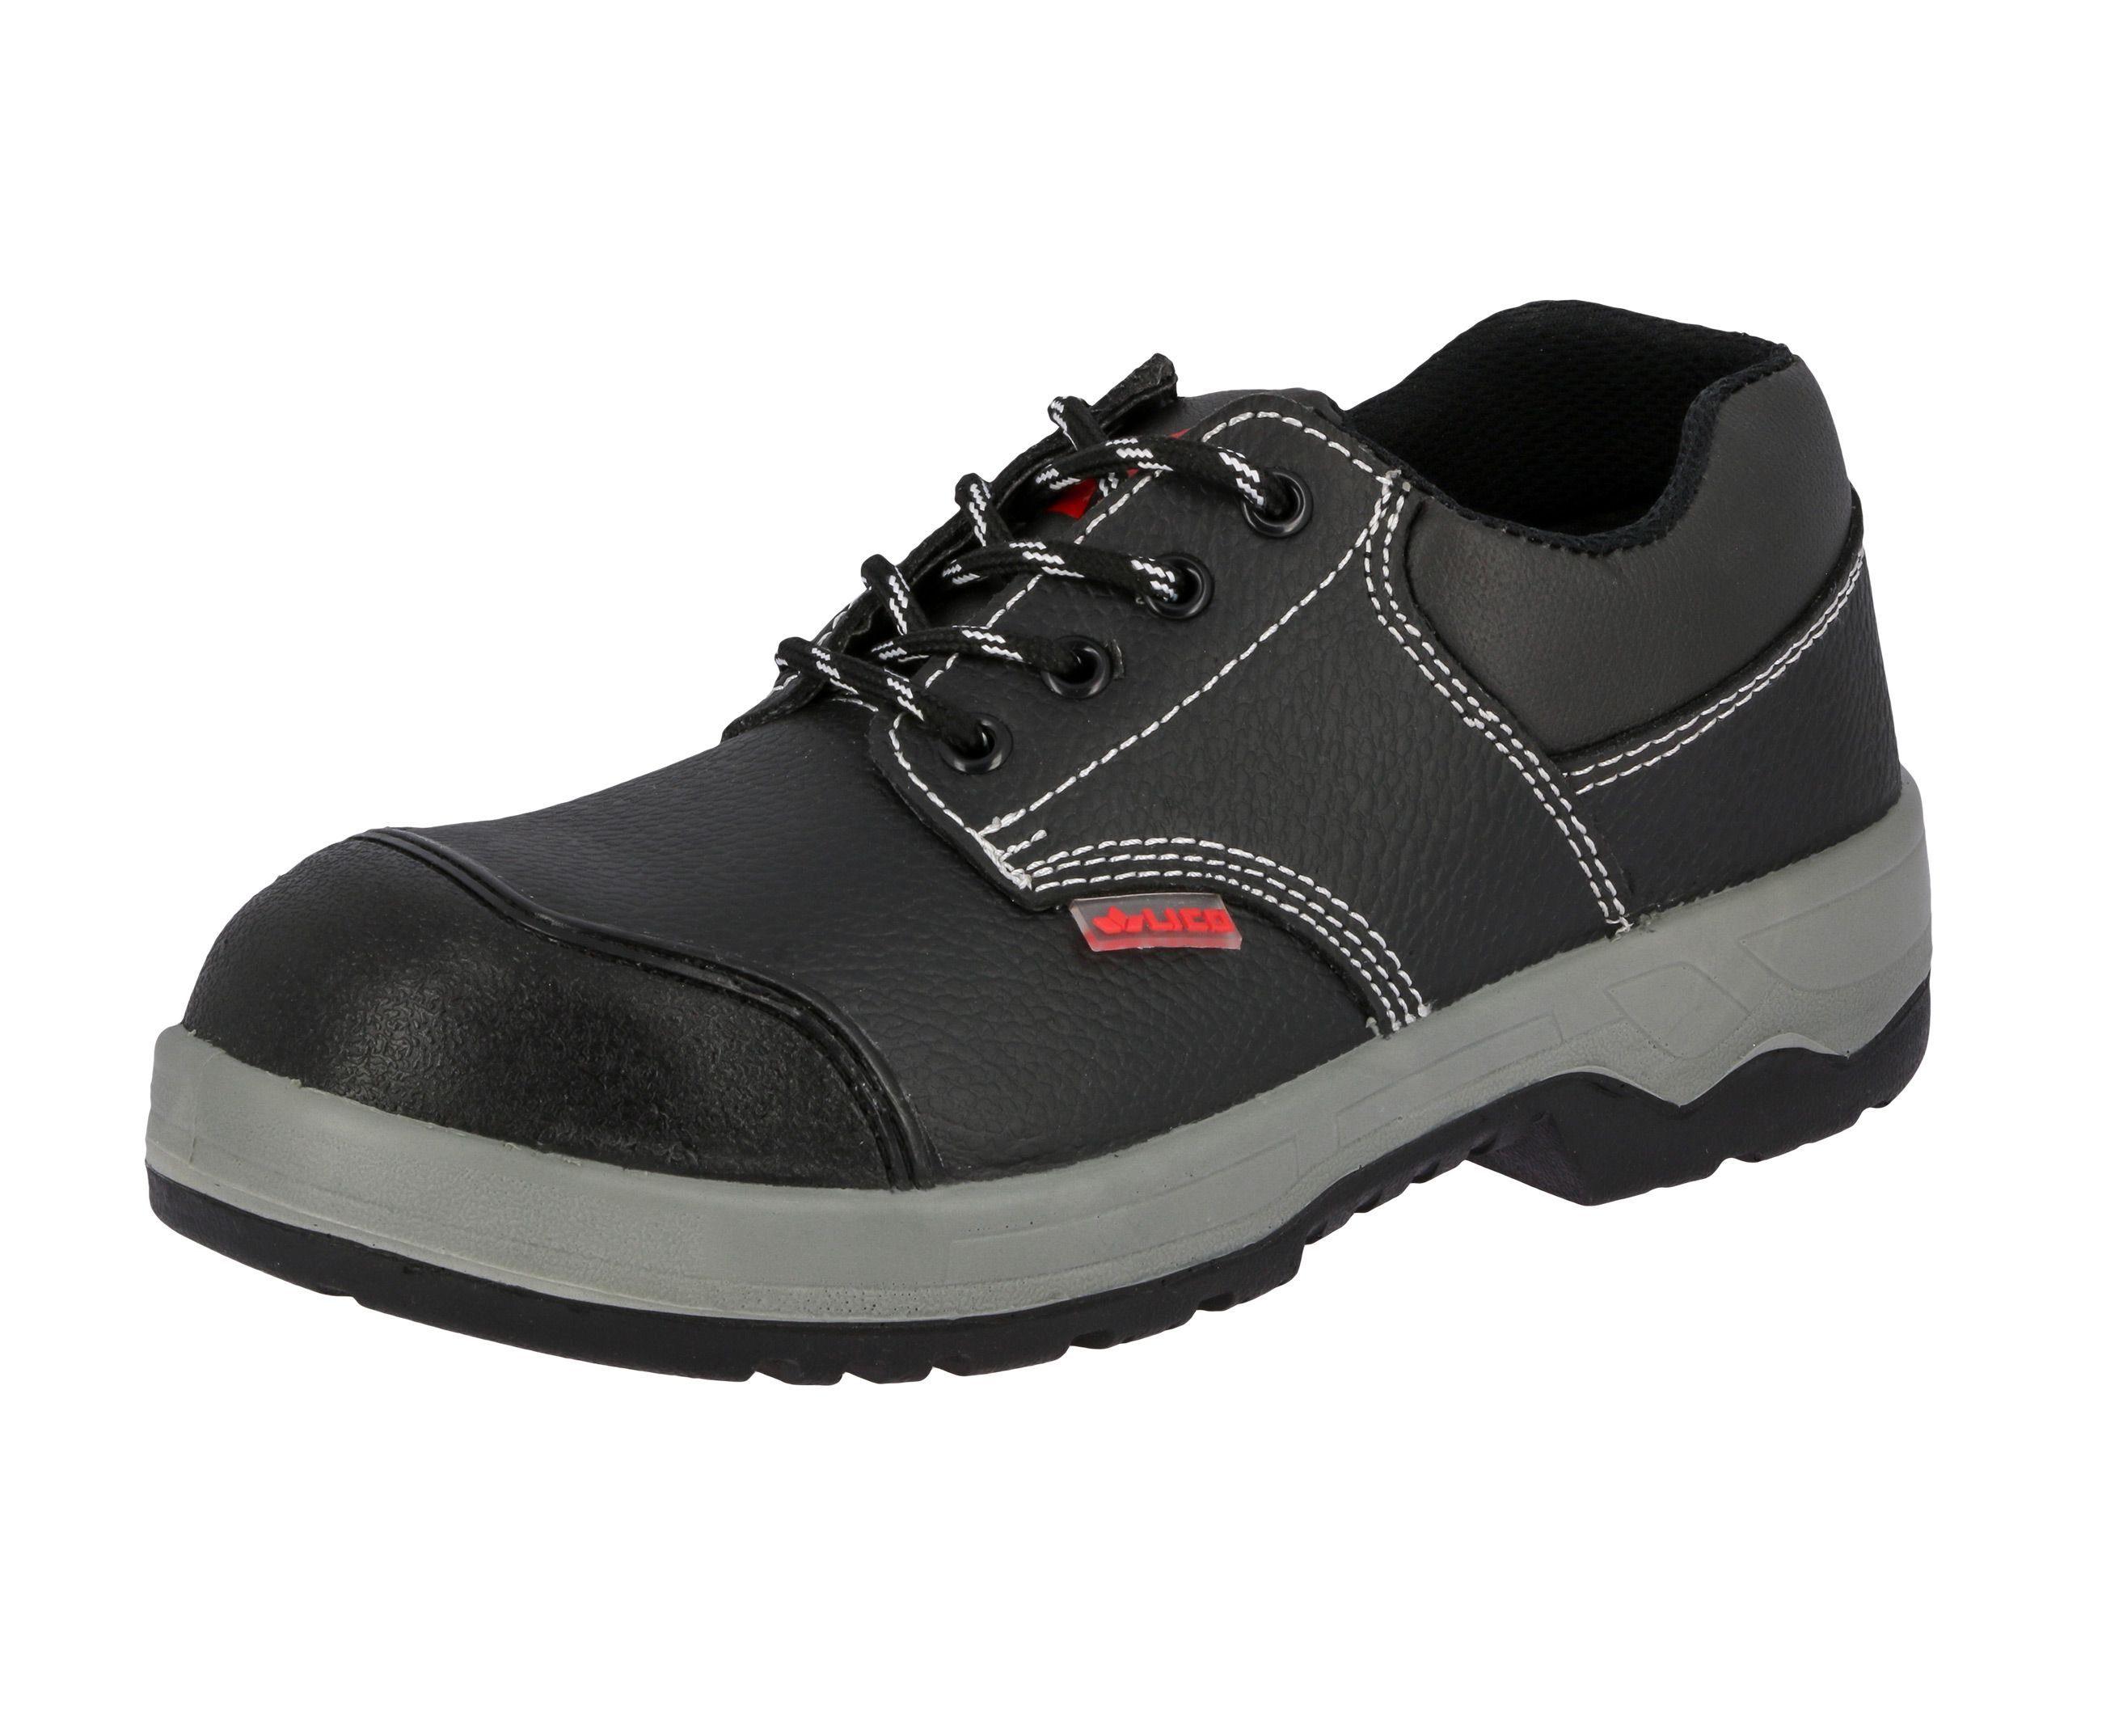 Lico Sicherheitsschuh Sicherheitsschuhe Worker Low Herrenmode/Schuhe/Komfortschuhe/Schnürschuhe